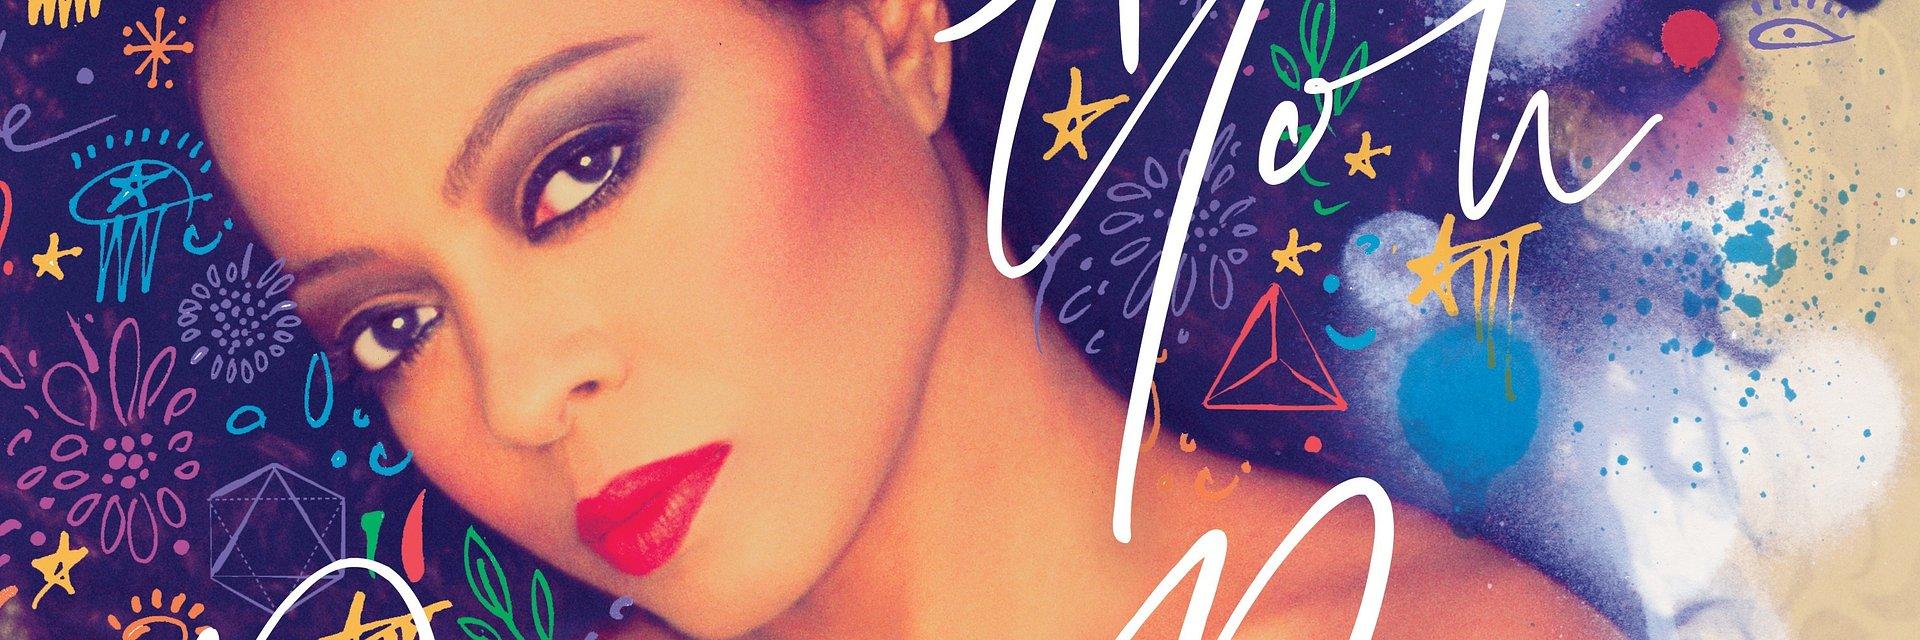 """Diana Ross śpiewa """"Thank You"""" dla świata"""